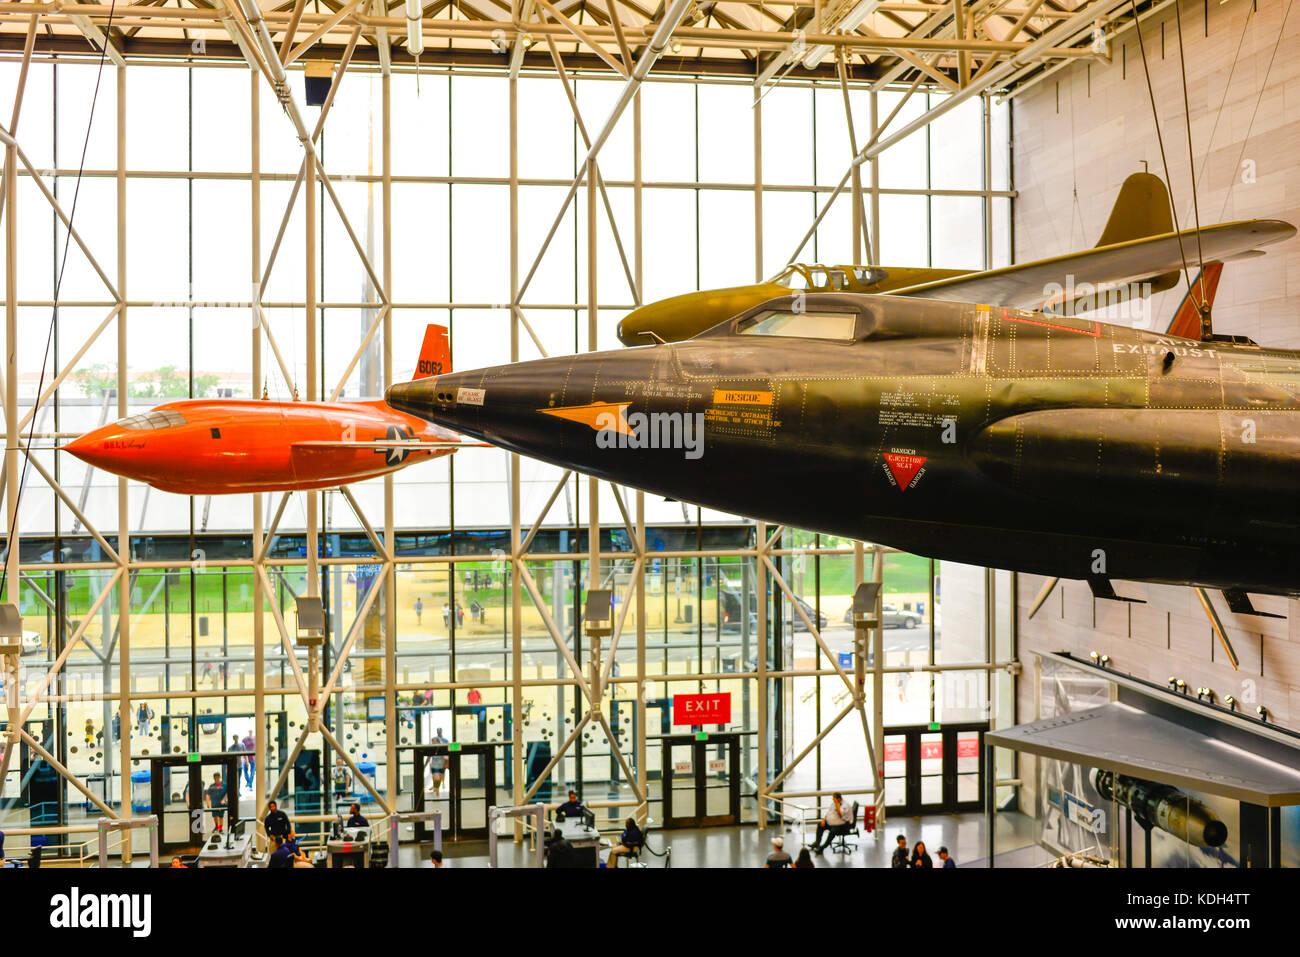 Experimentelle Sound Barrier test Flugzeuge und andere historische Flugzeuge hängen von der Decke des National Stockbild